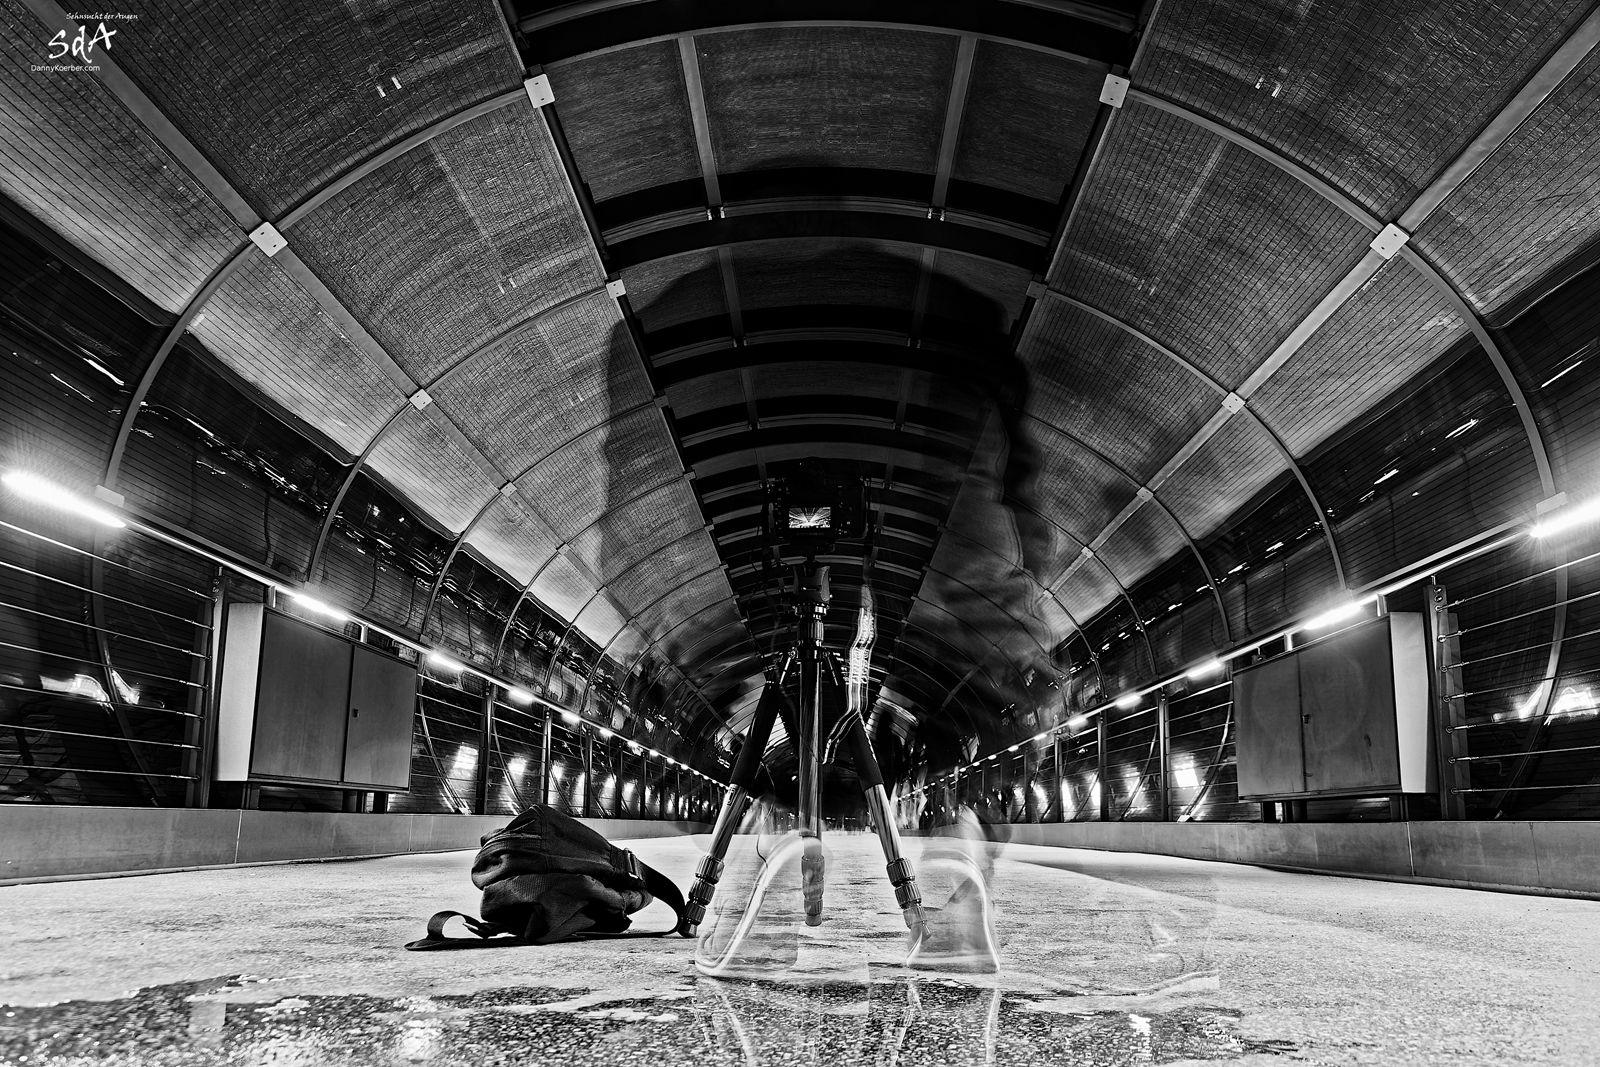 Dirk auf der , fotografiert von Danny Koerber für Architektur von Sehnsucht der Augen.